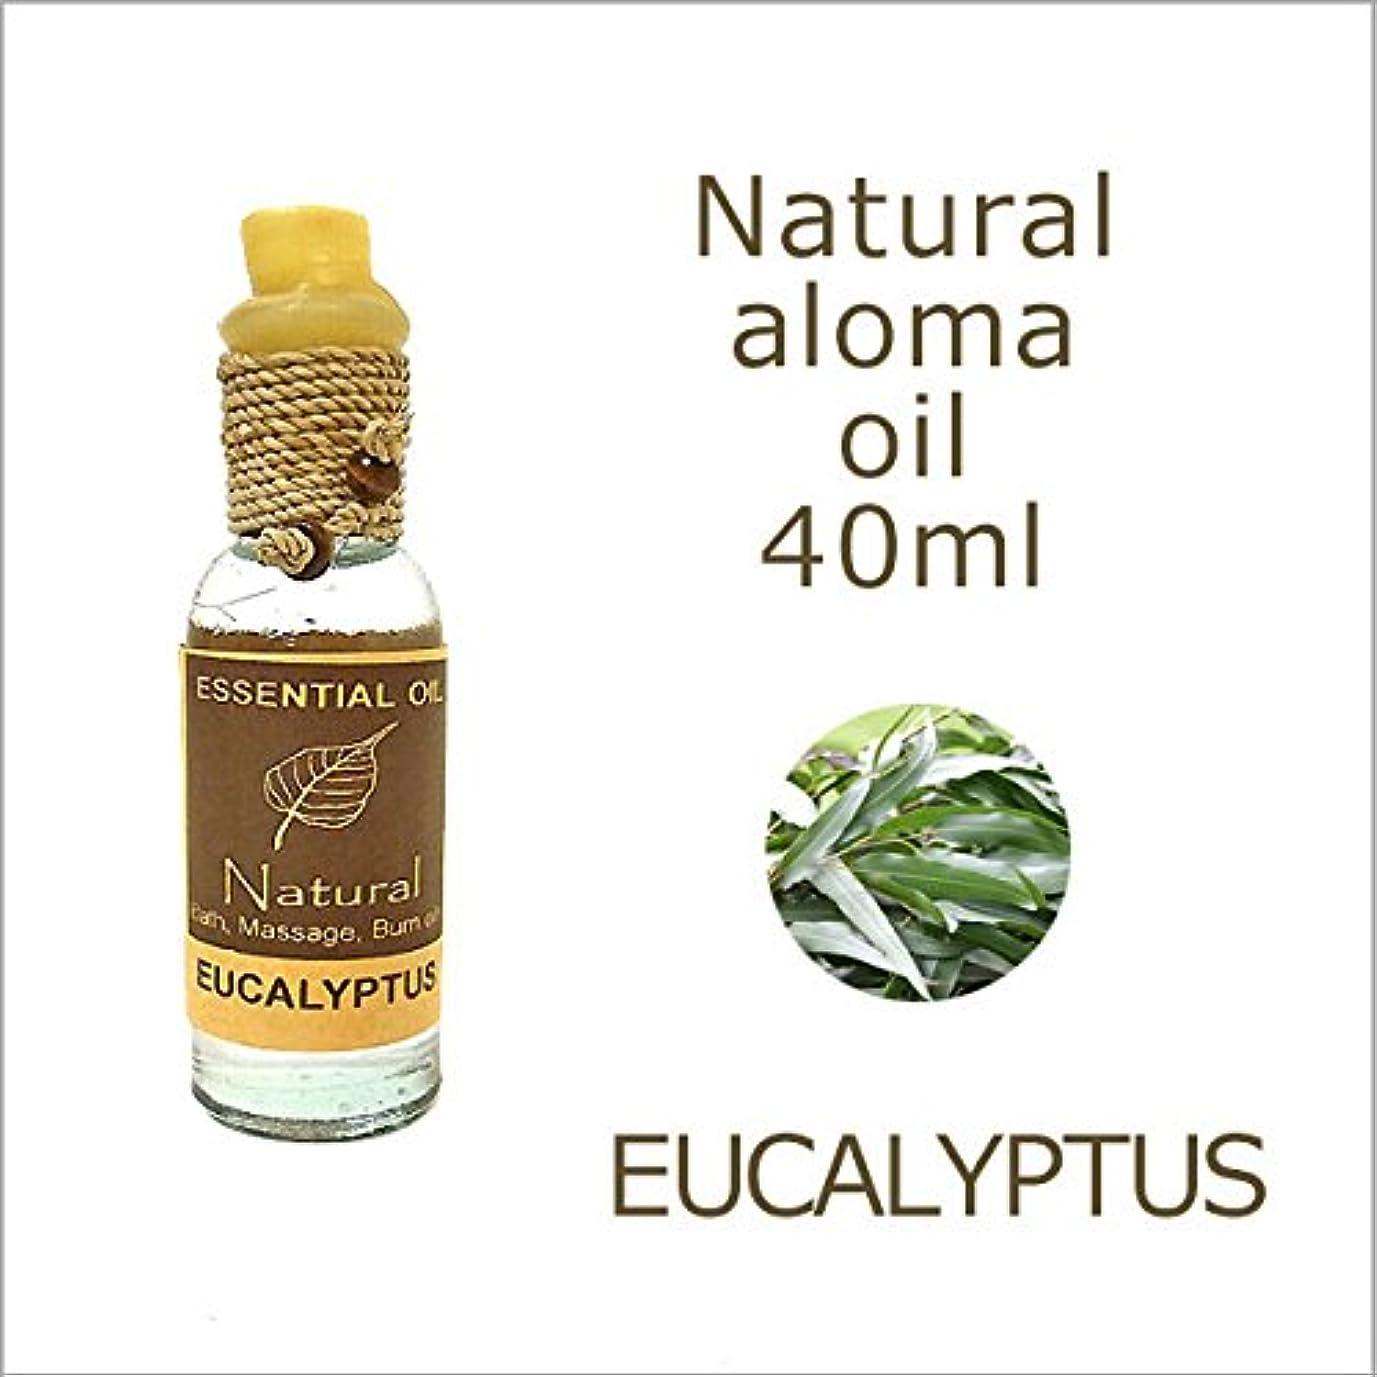 一流損傷きょうだいユーカリ Eucalyptusアロマオイル40ml マッサージオイル アジアン 雑貨 バリ 雑貨 タイ 雑貨 アジアン インテリア 花粉 対策 並行輸入品